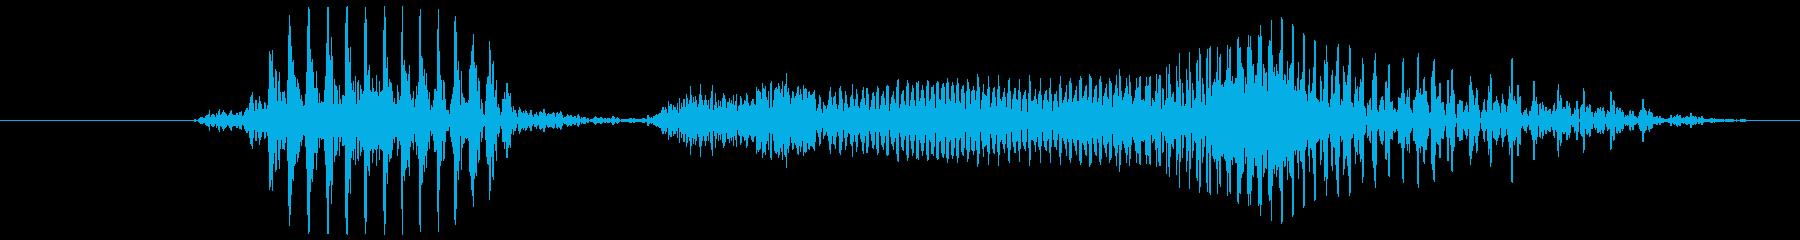 月曜の再生済みの波形